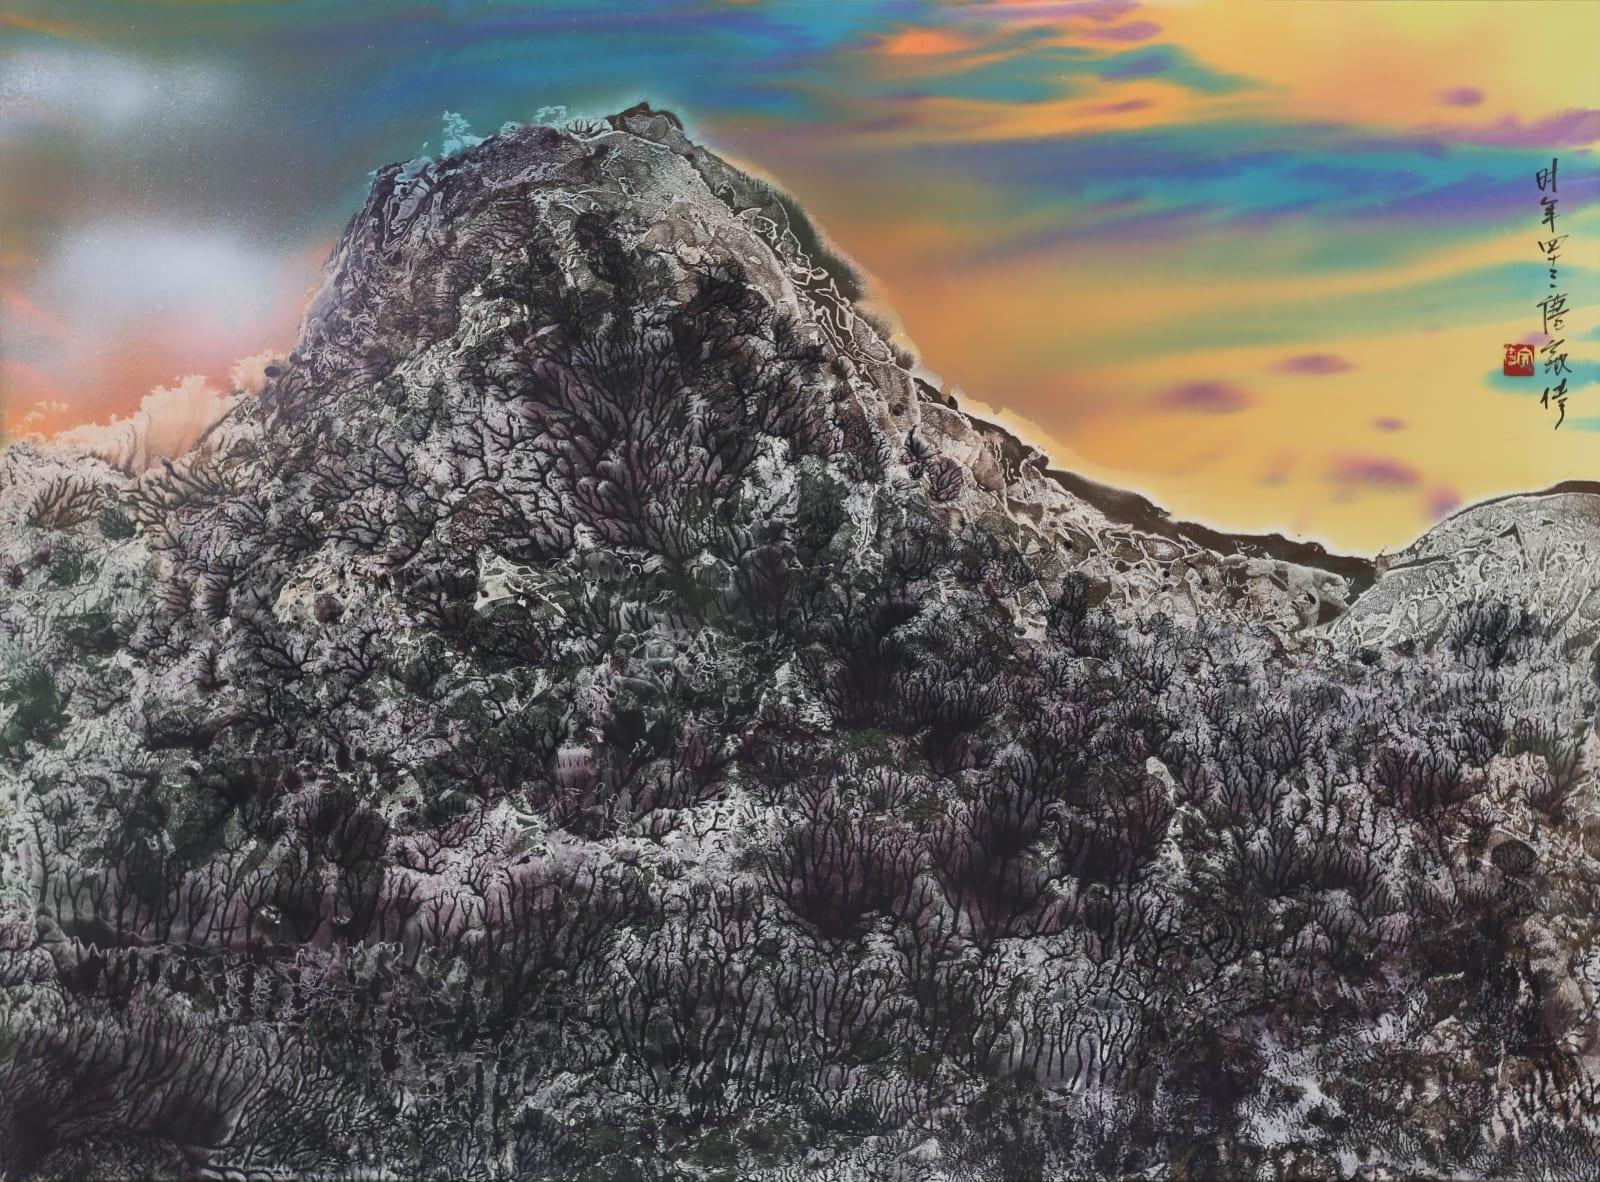 Wesley Tongson 唐家偉, Mountains of Heaven 天界 No. 140, 2000